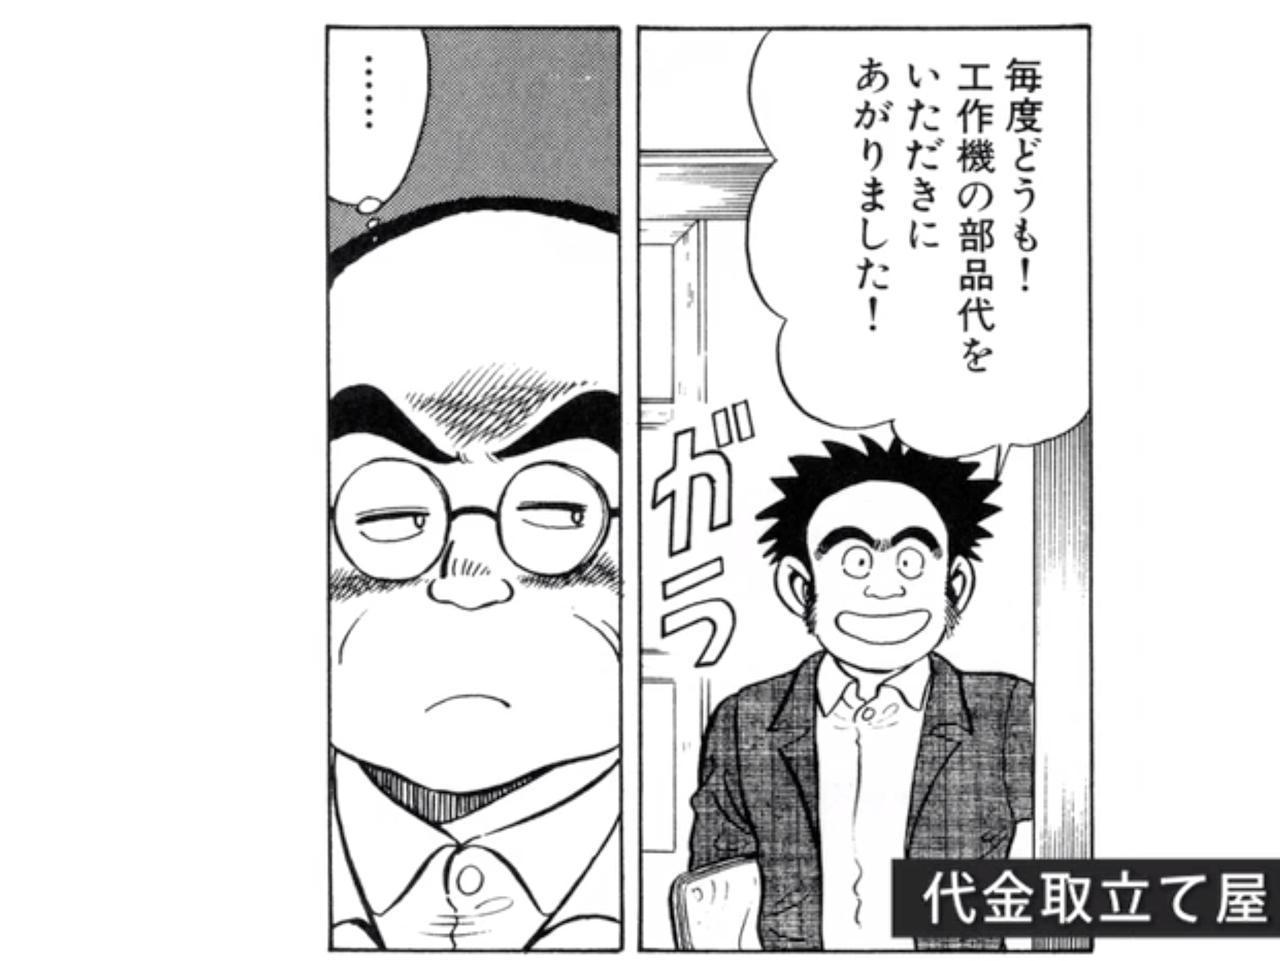 画像: Hondaの原点を動画コミックで配信中!Vol.2「二つの夢が出会う〜本田宗一郎と藤澤武夫〜」 - A Little Honda